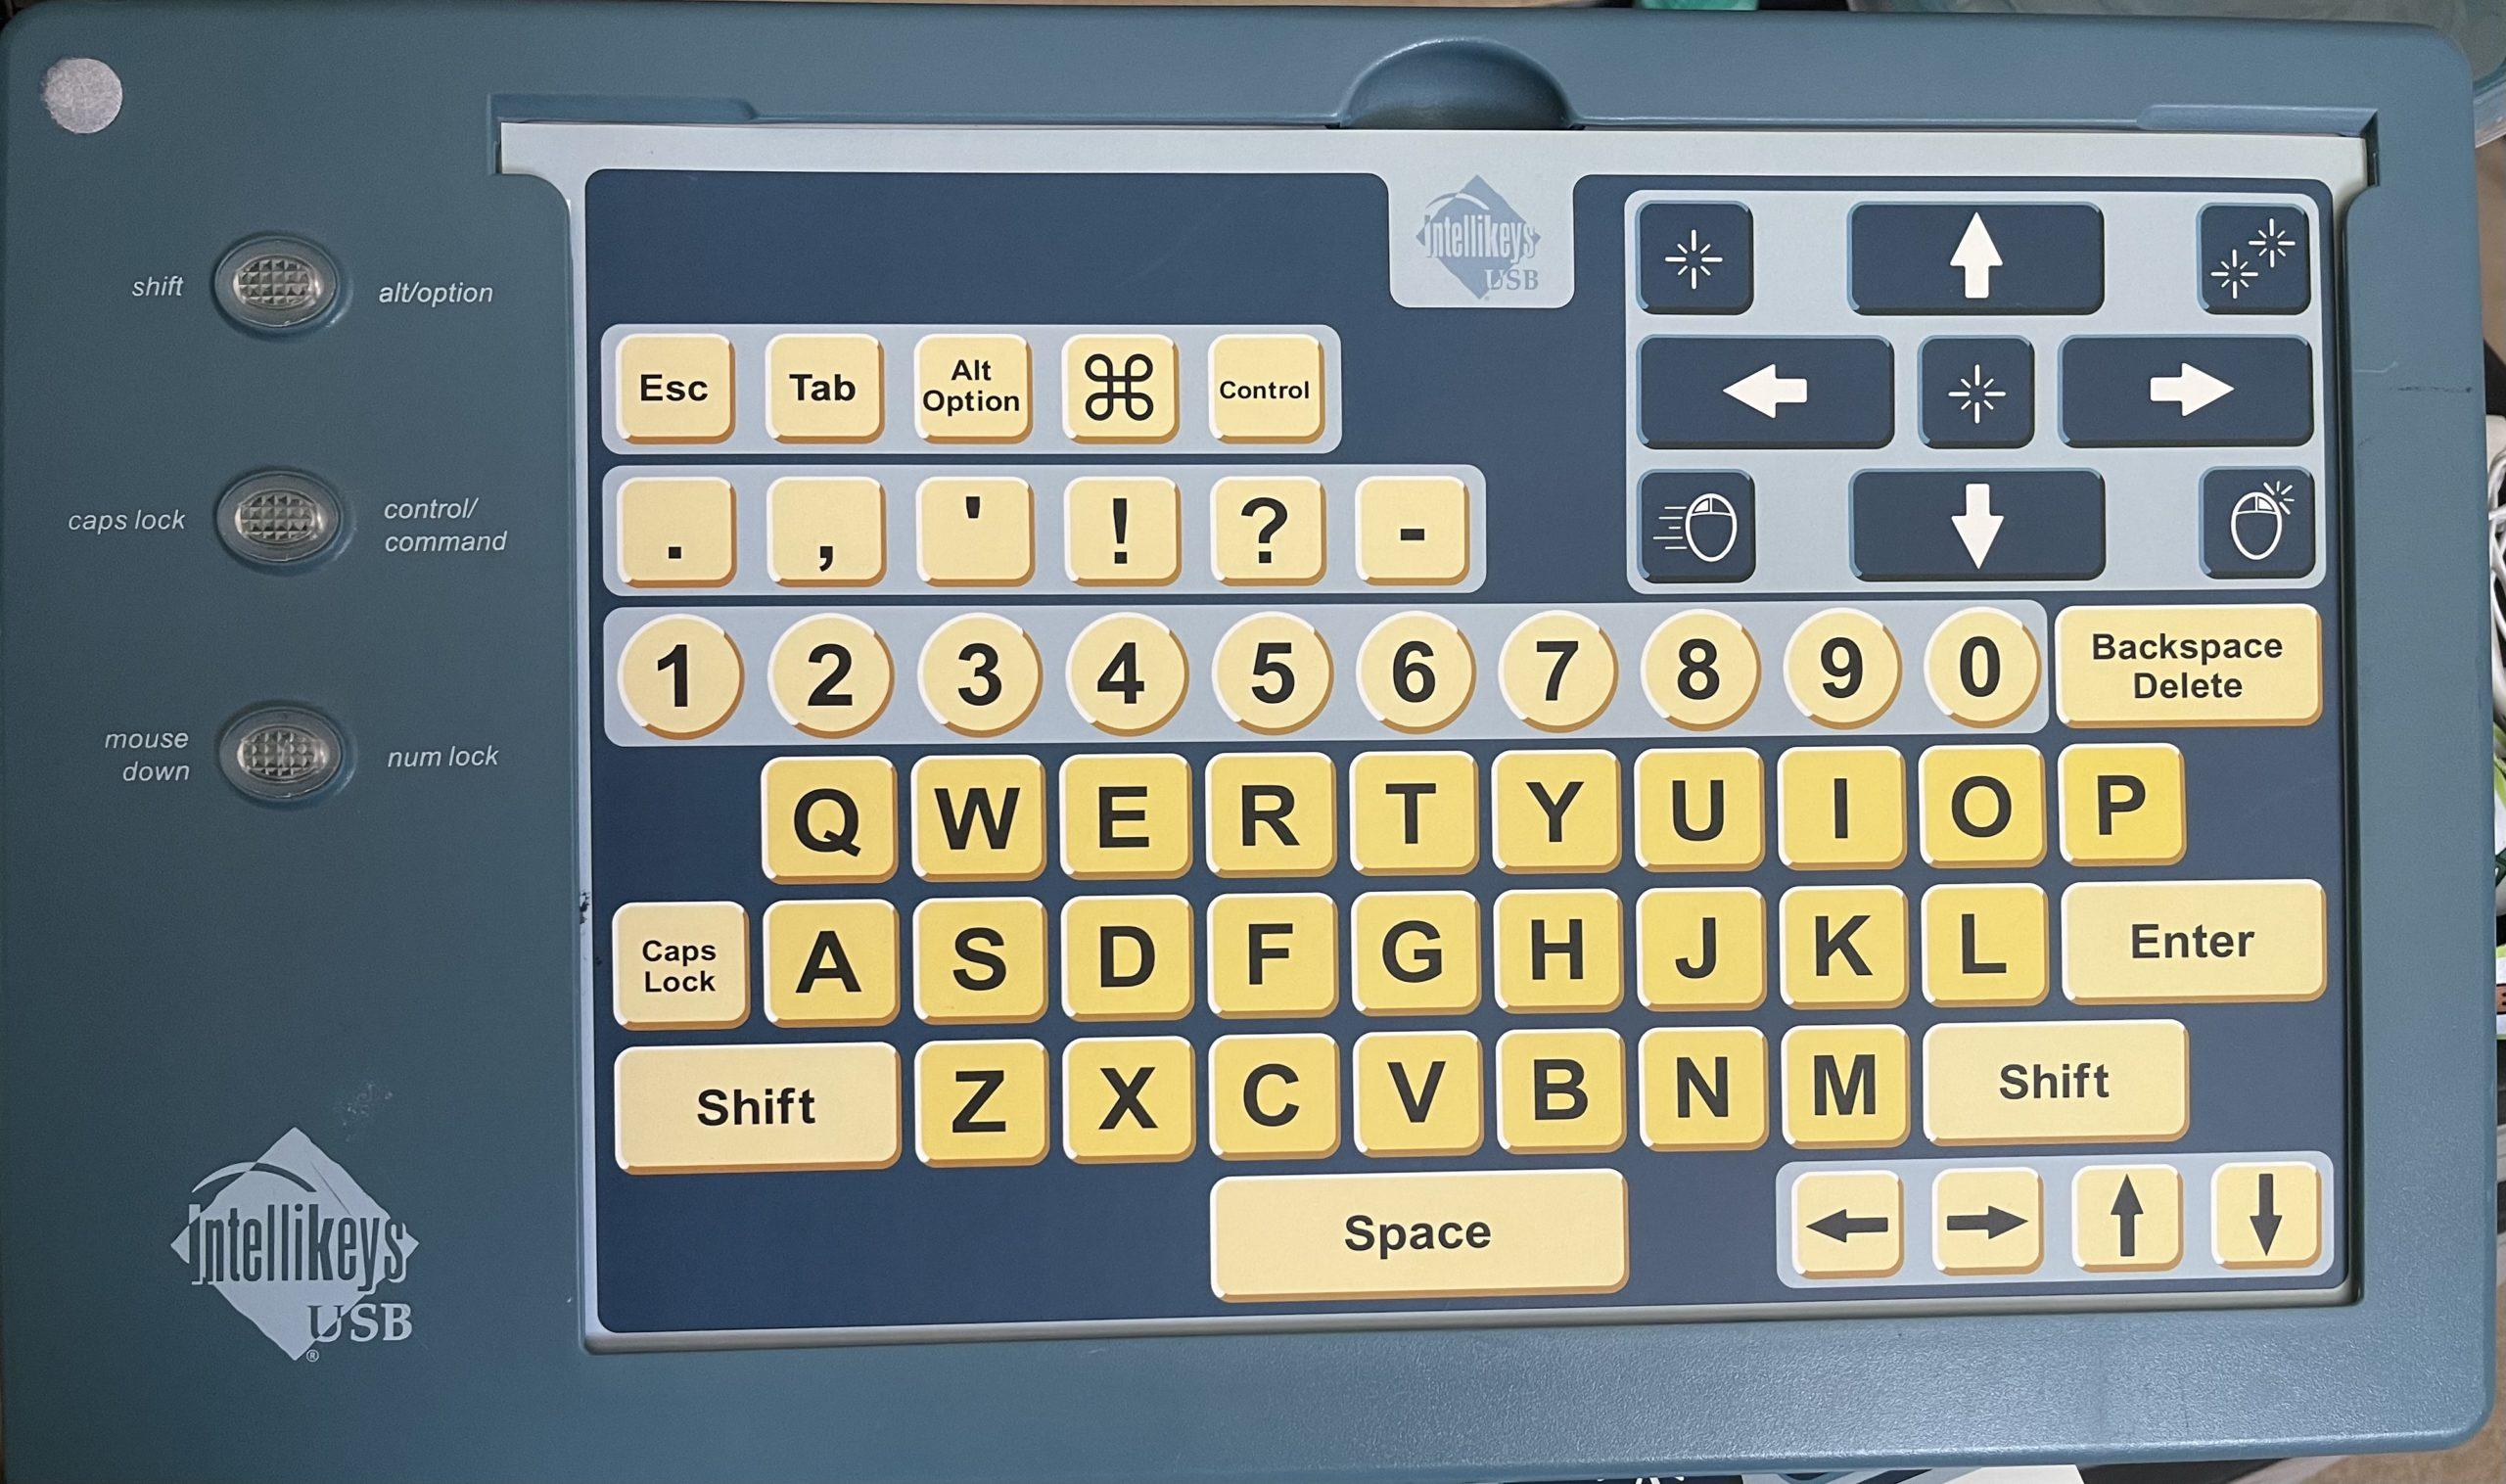 Intellikeys Keyboard